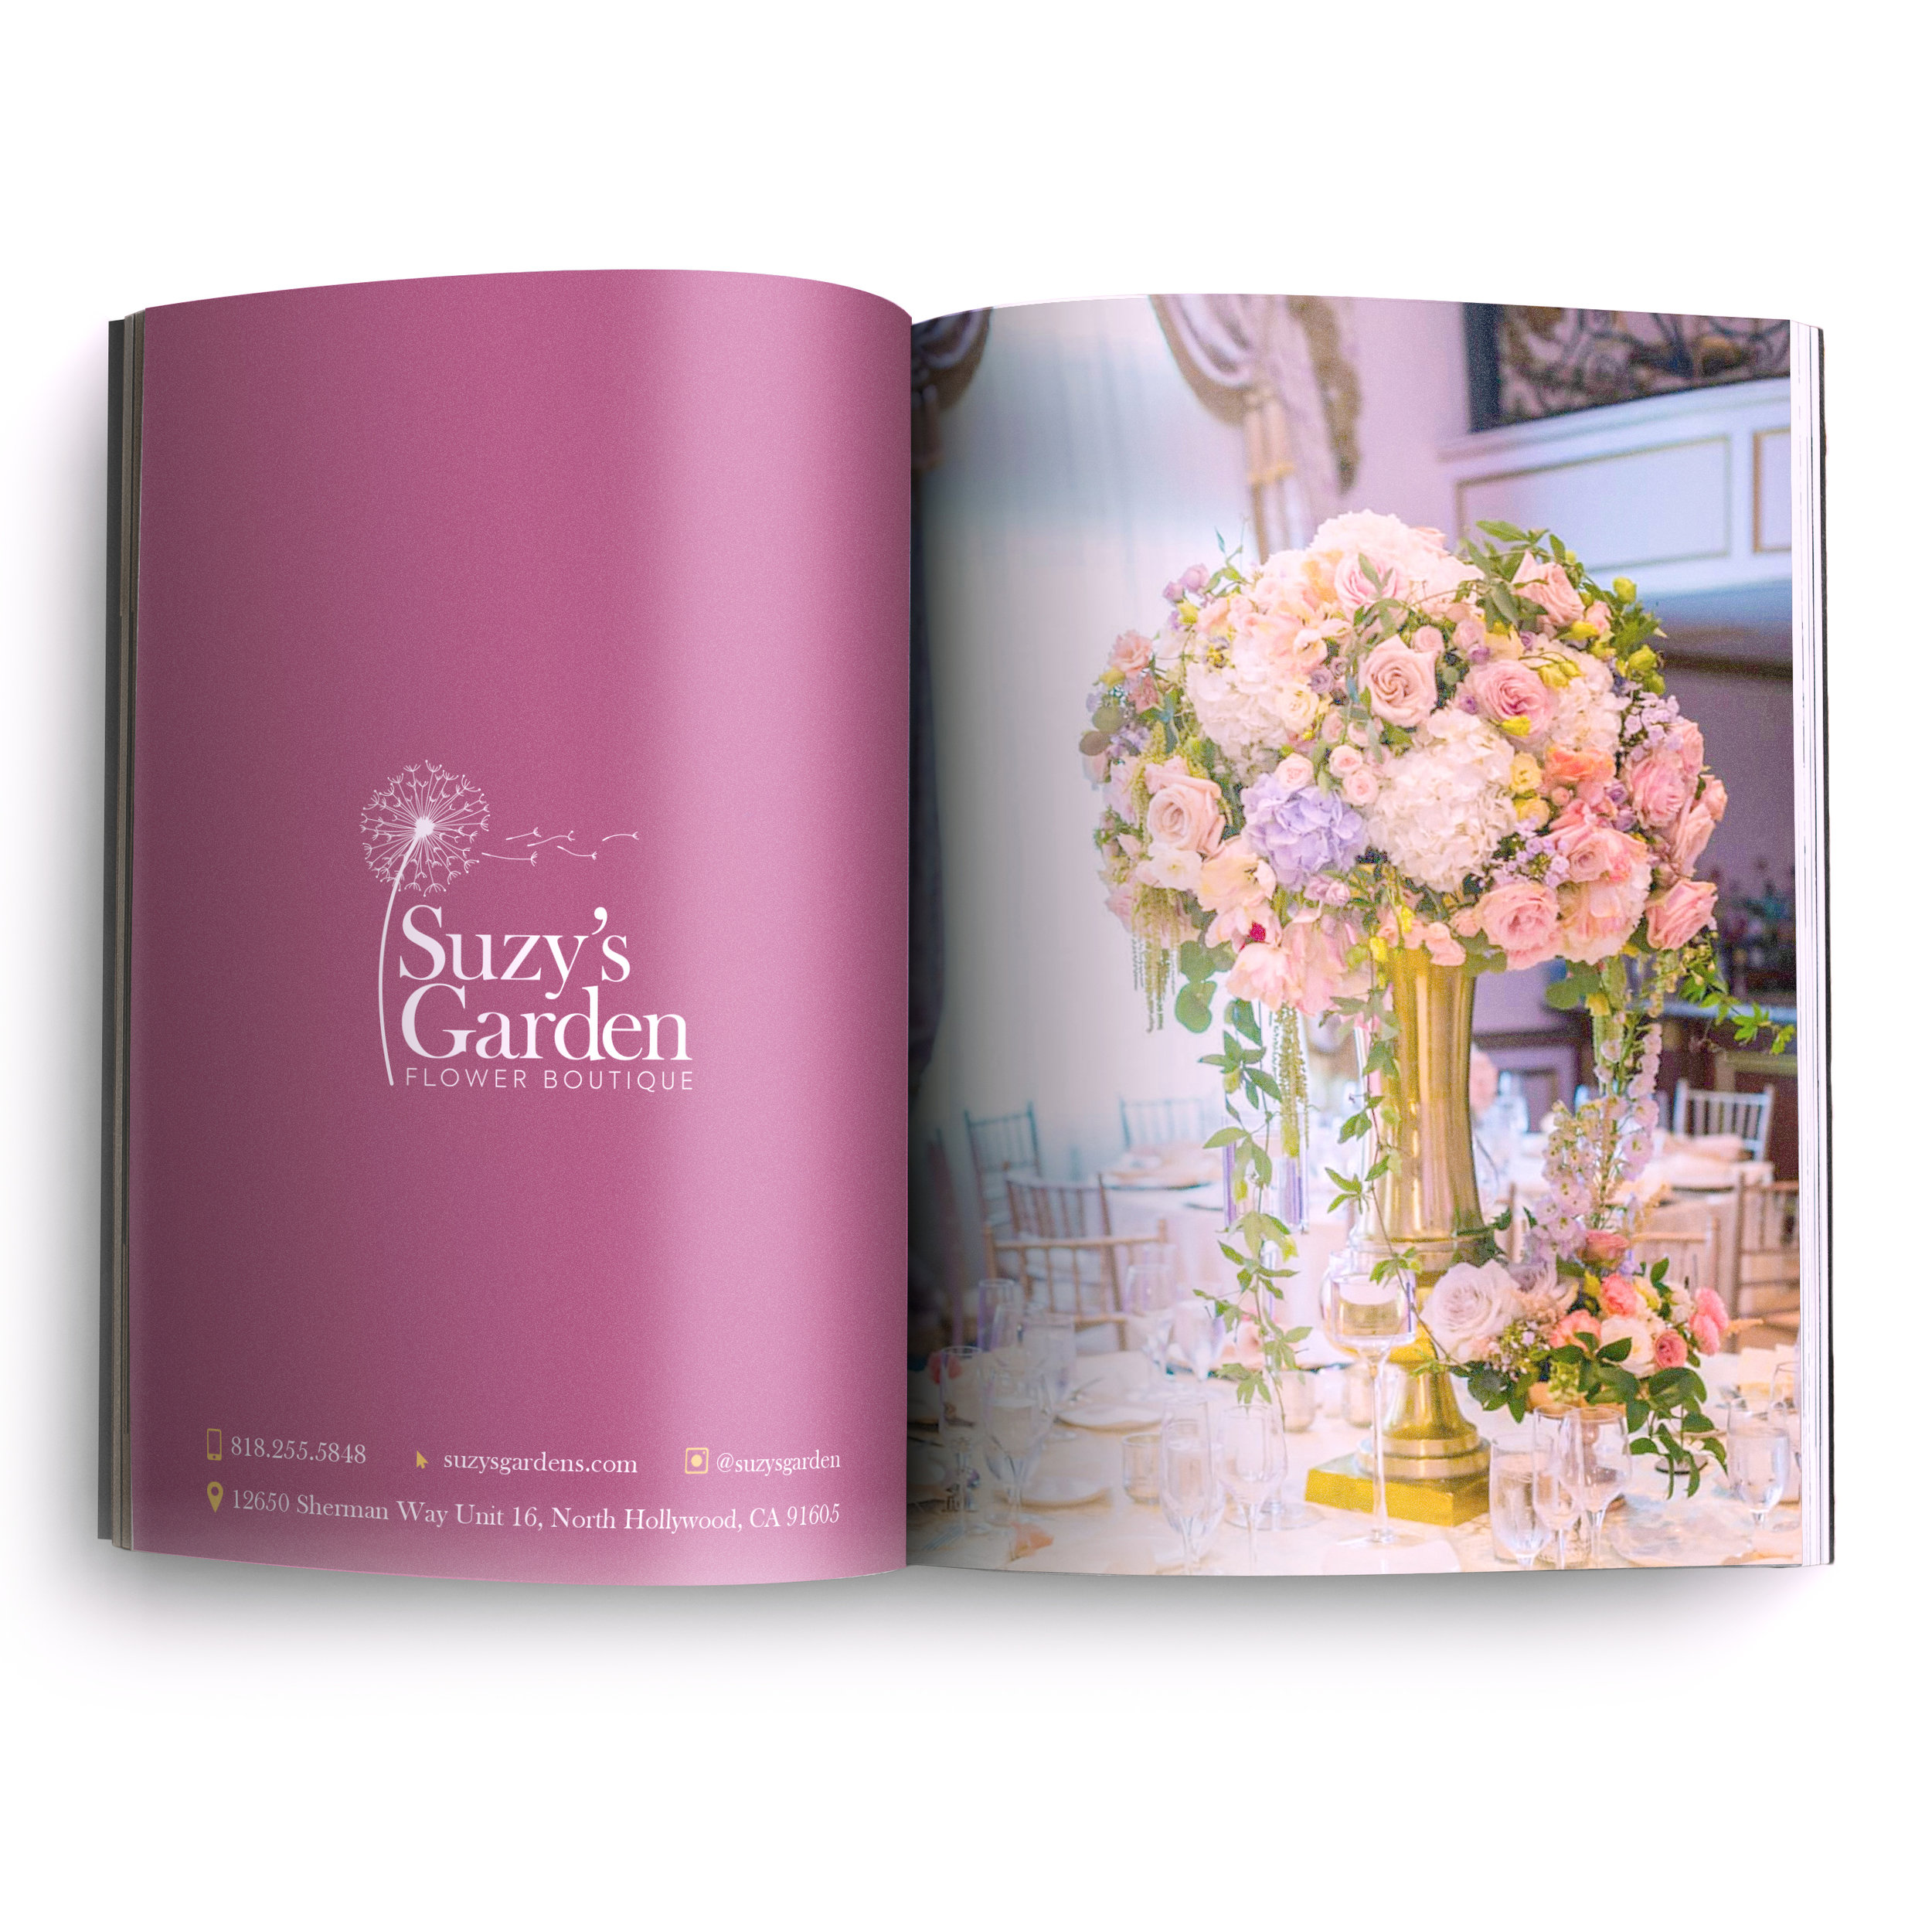 Suzy's Garden Magazine Ad